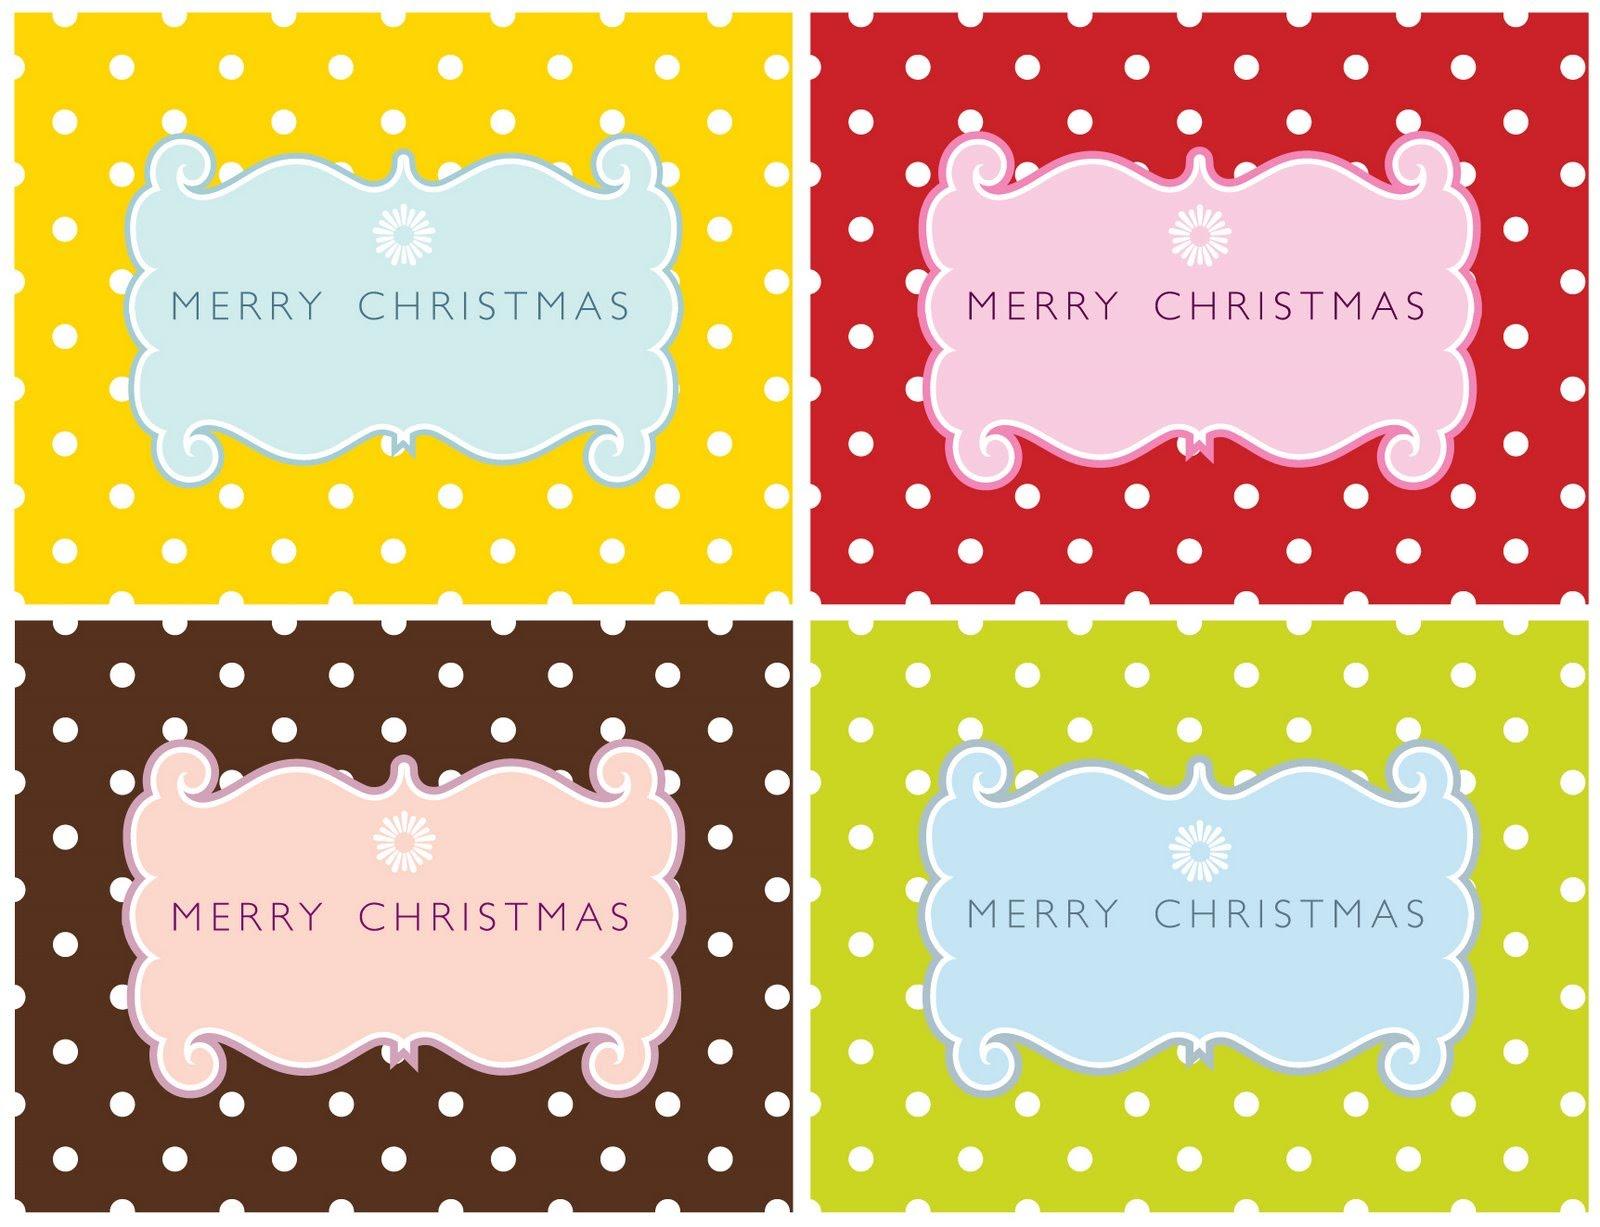 24 days of christmas day 7 free christmas printables sweet